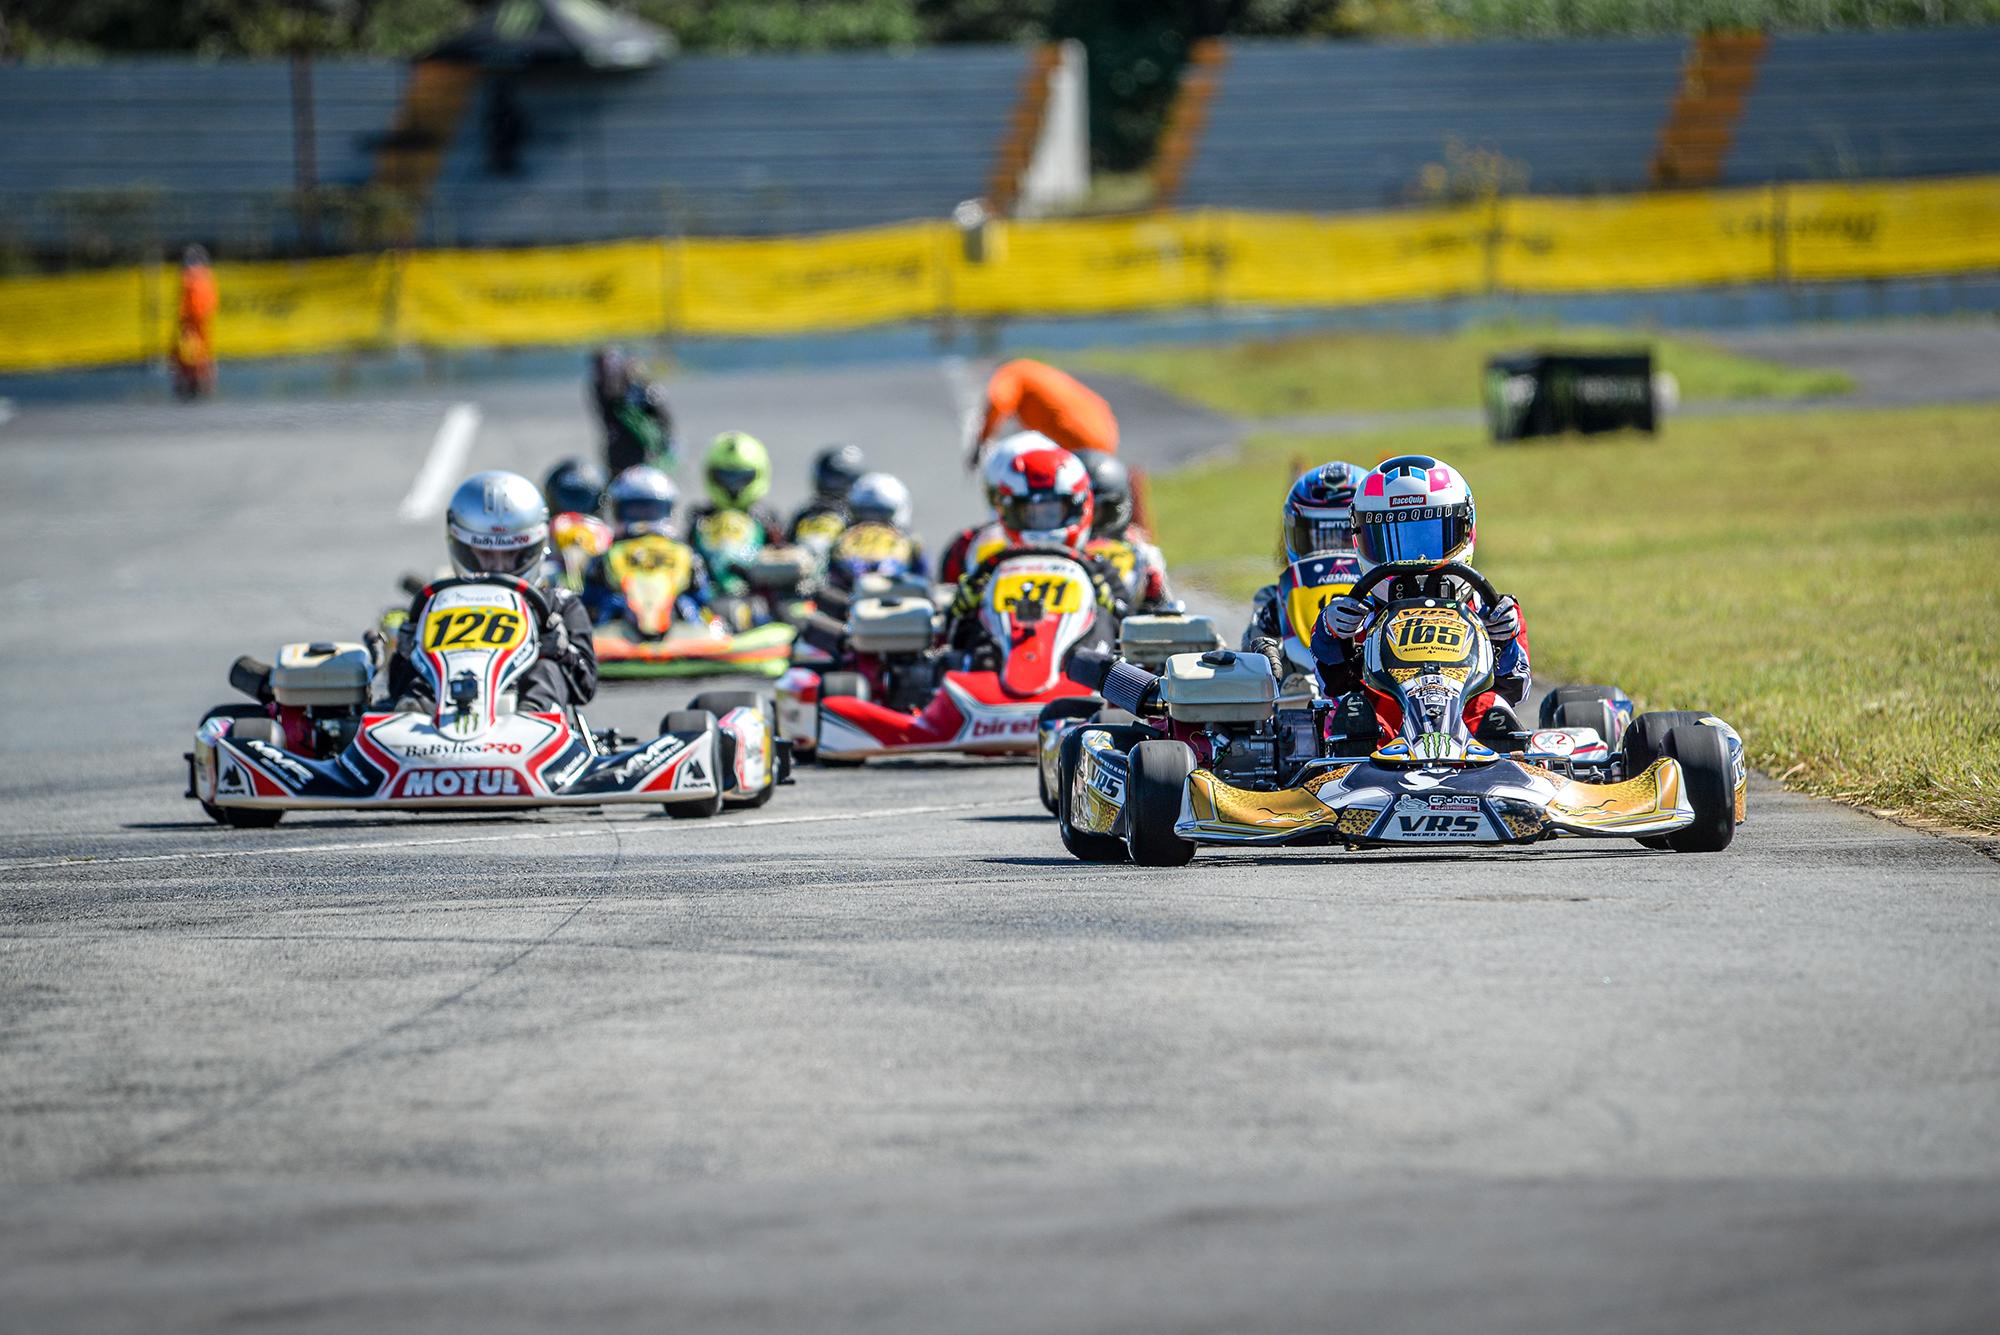 Niños podrán participar en el Curso de Kartismo que brindará becas para el Costa Rica Kart Championship